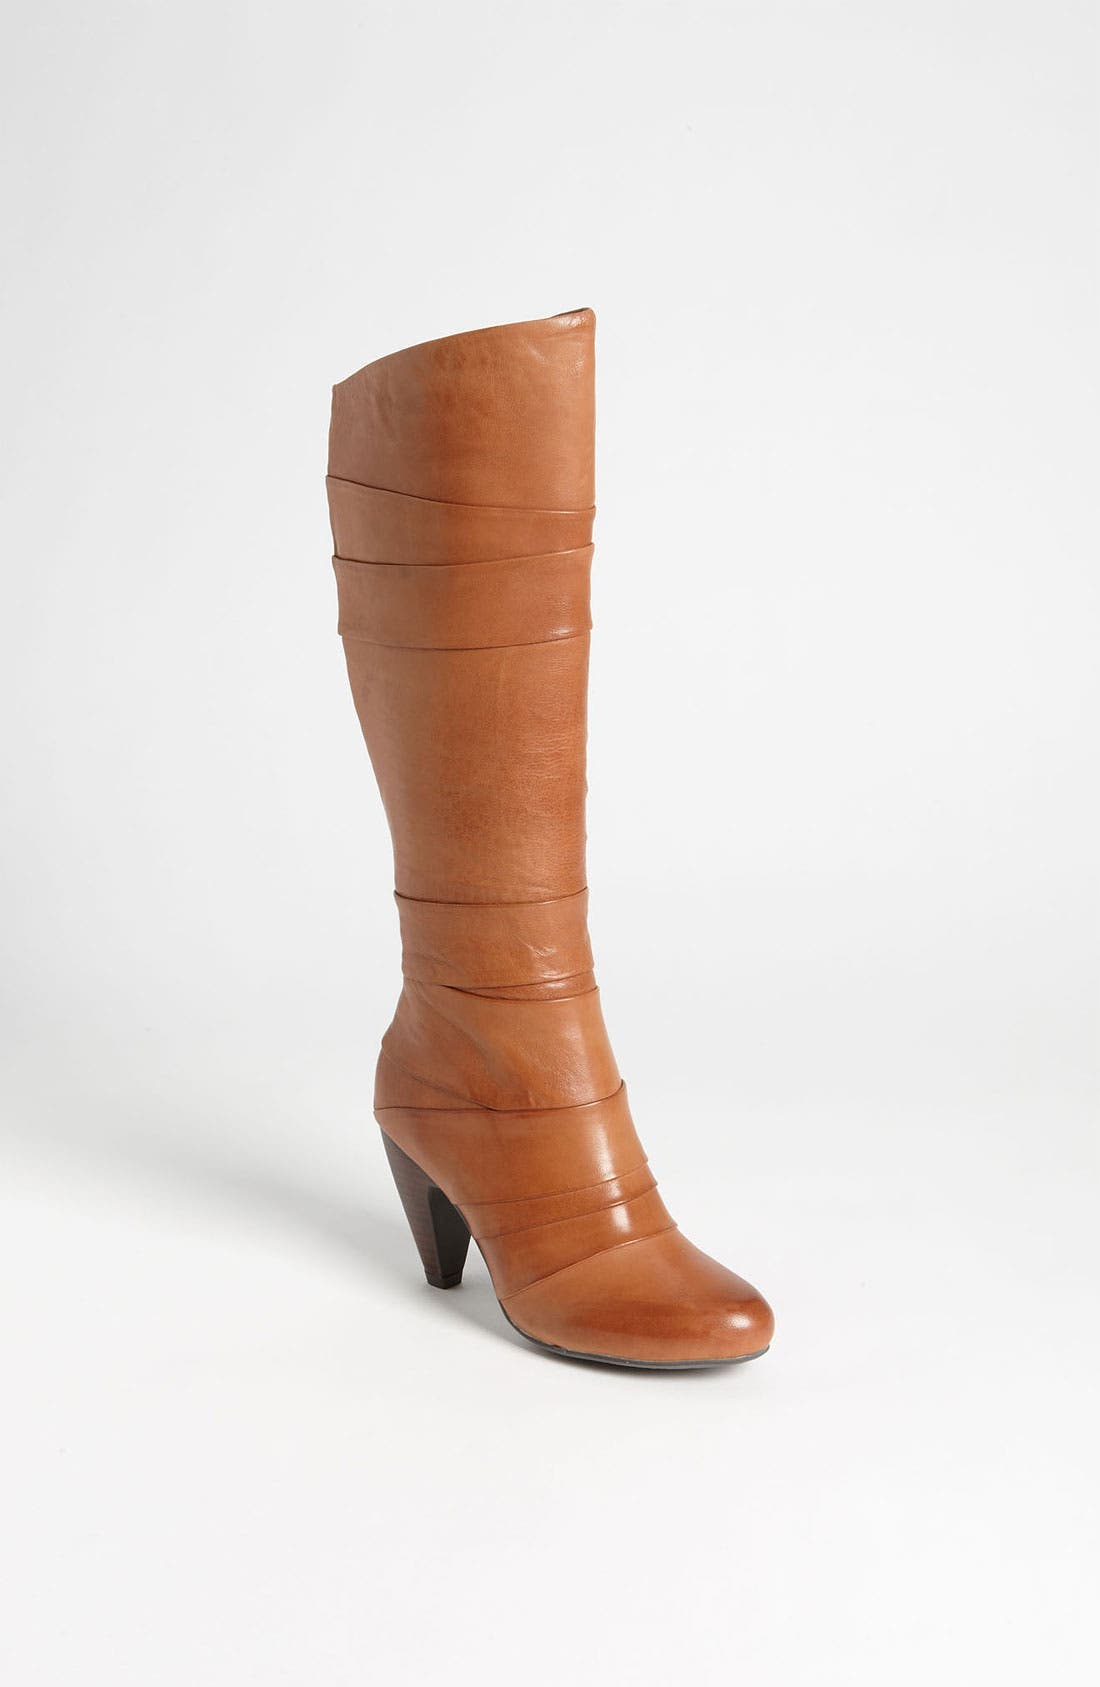 Alternate Image 1 Selected - Miz Mooz 'Feist' Boot